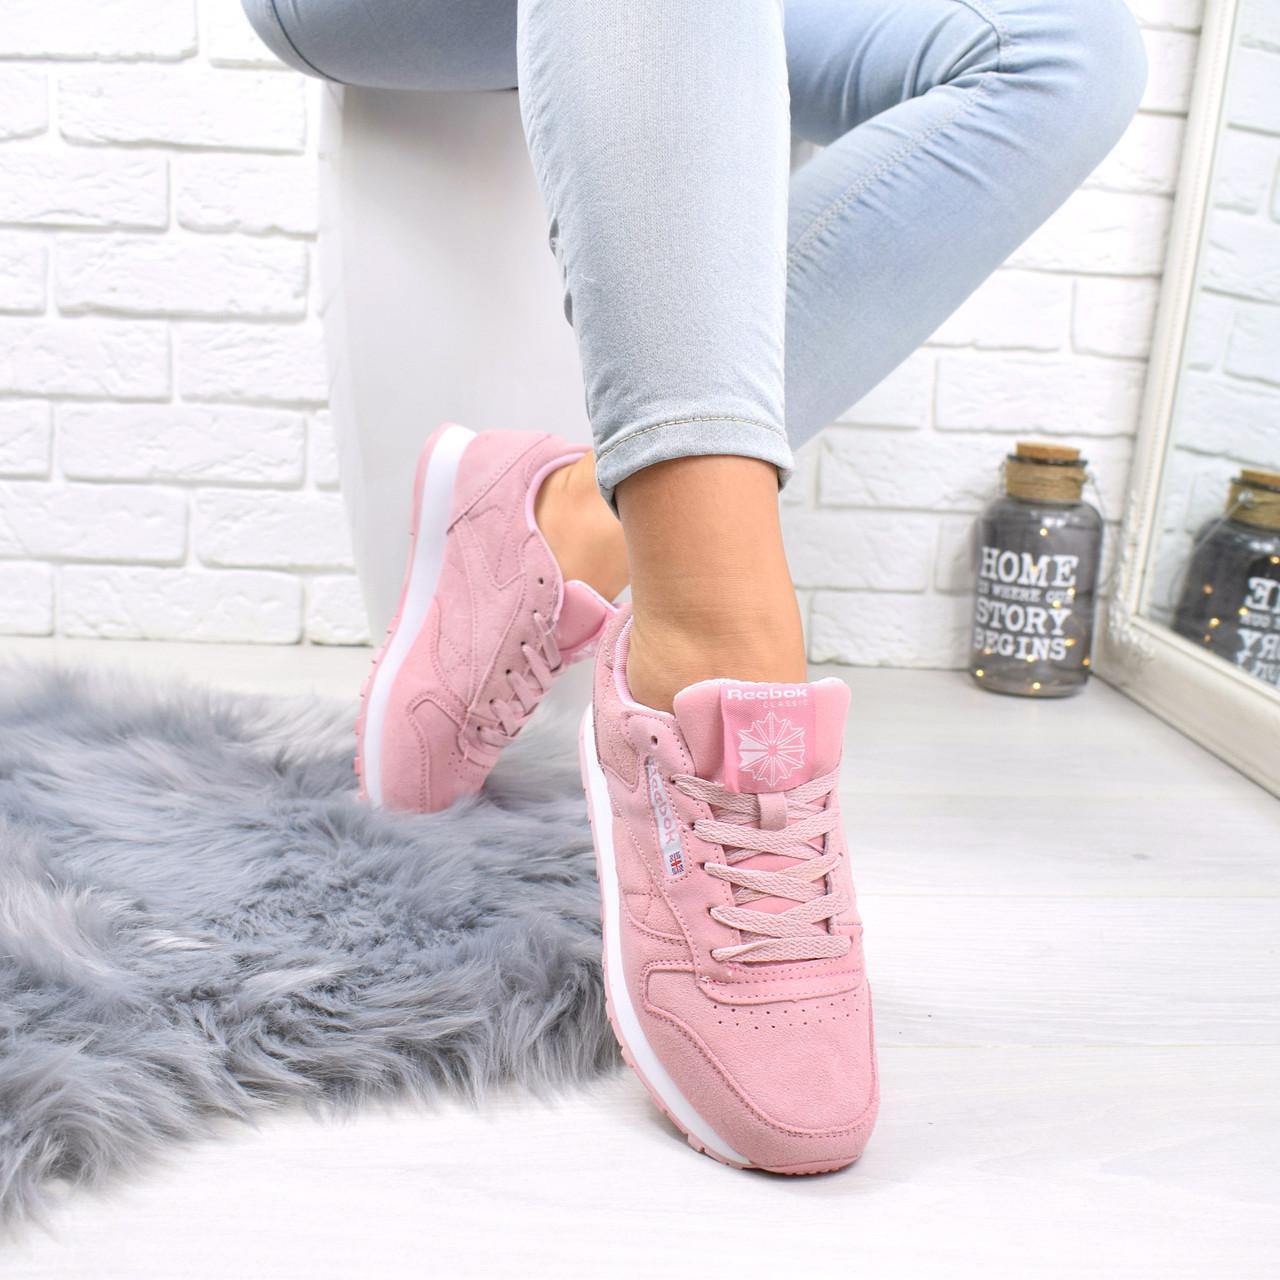 184166b6de91 Кроссовки женские под Reebok розовый 5247, спортивная обувь  продажа ...